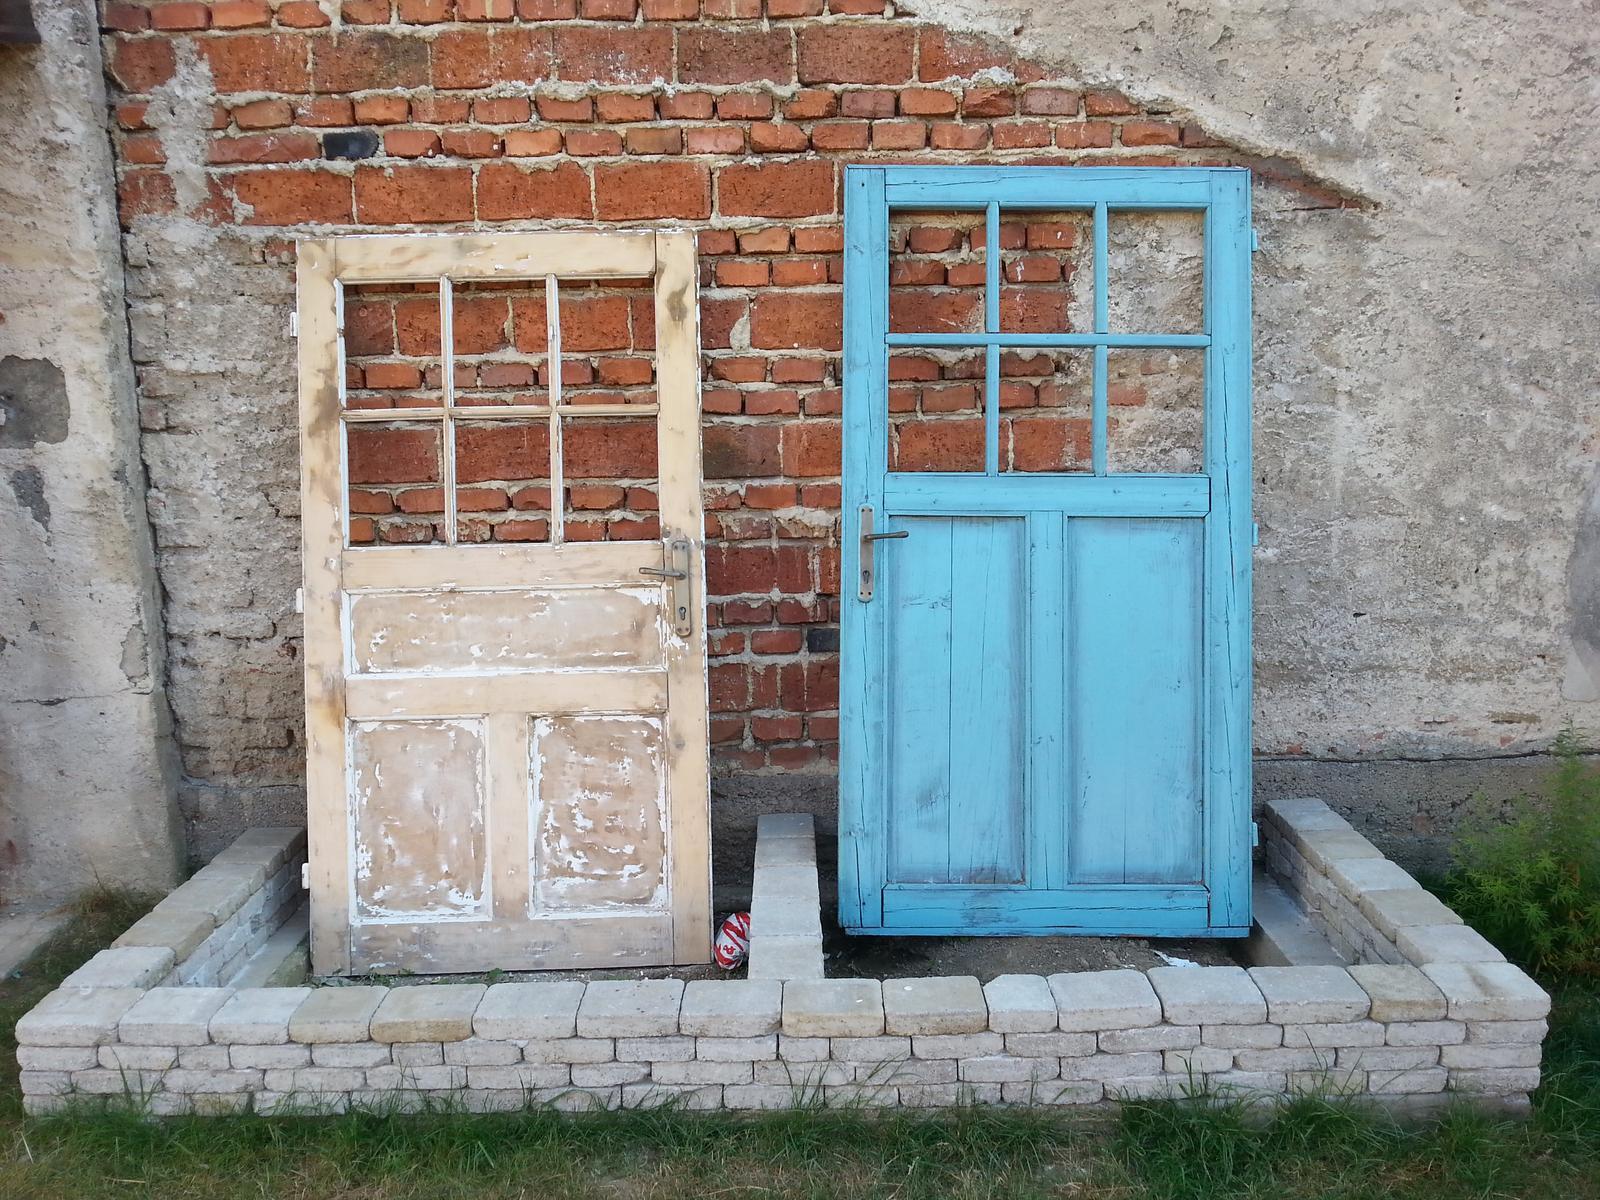 Projekt - záhrada ;-) - dvere vpravo hotovka, lave v procese :-) vymurovana bylinkova zahradka :-)